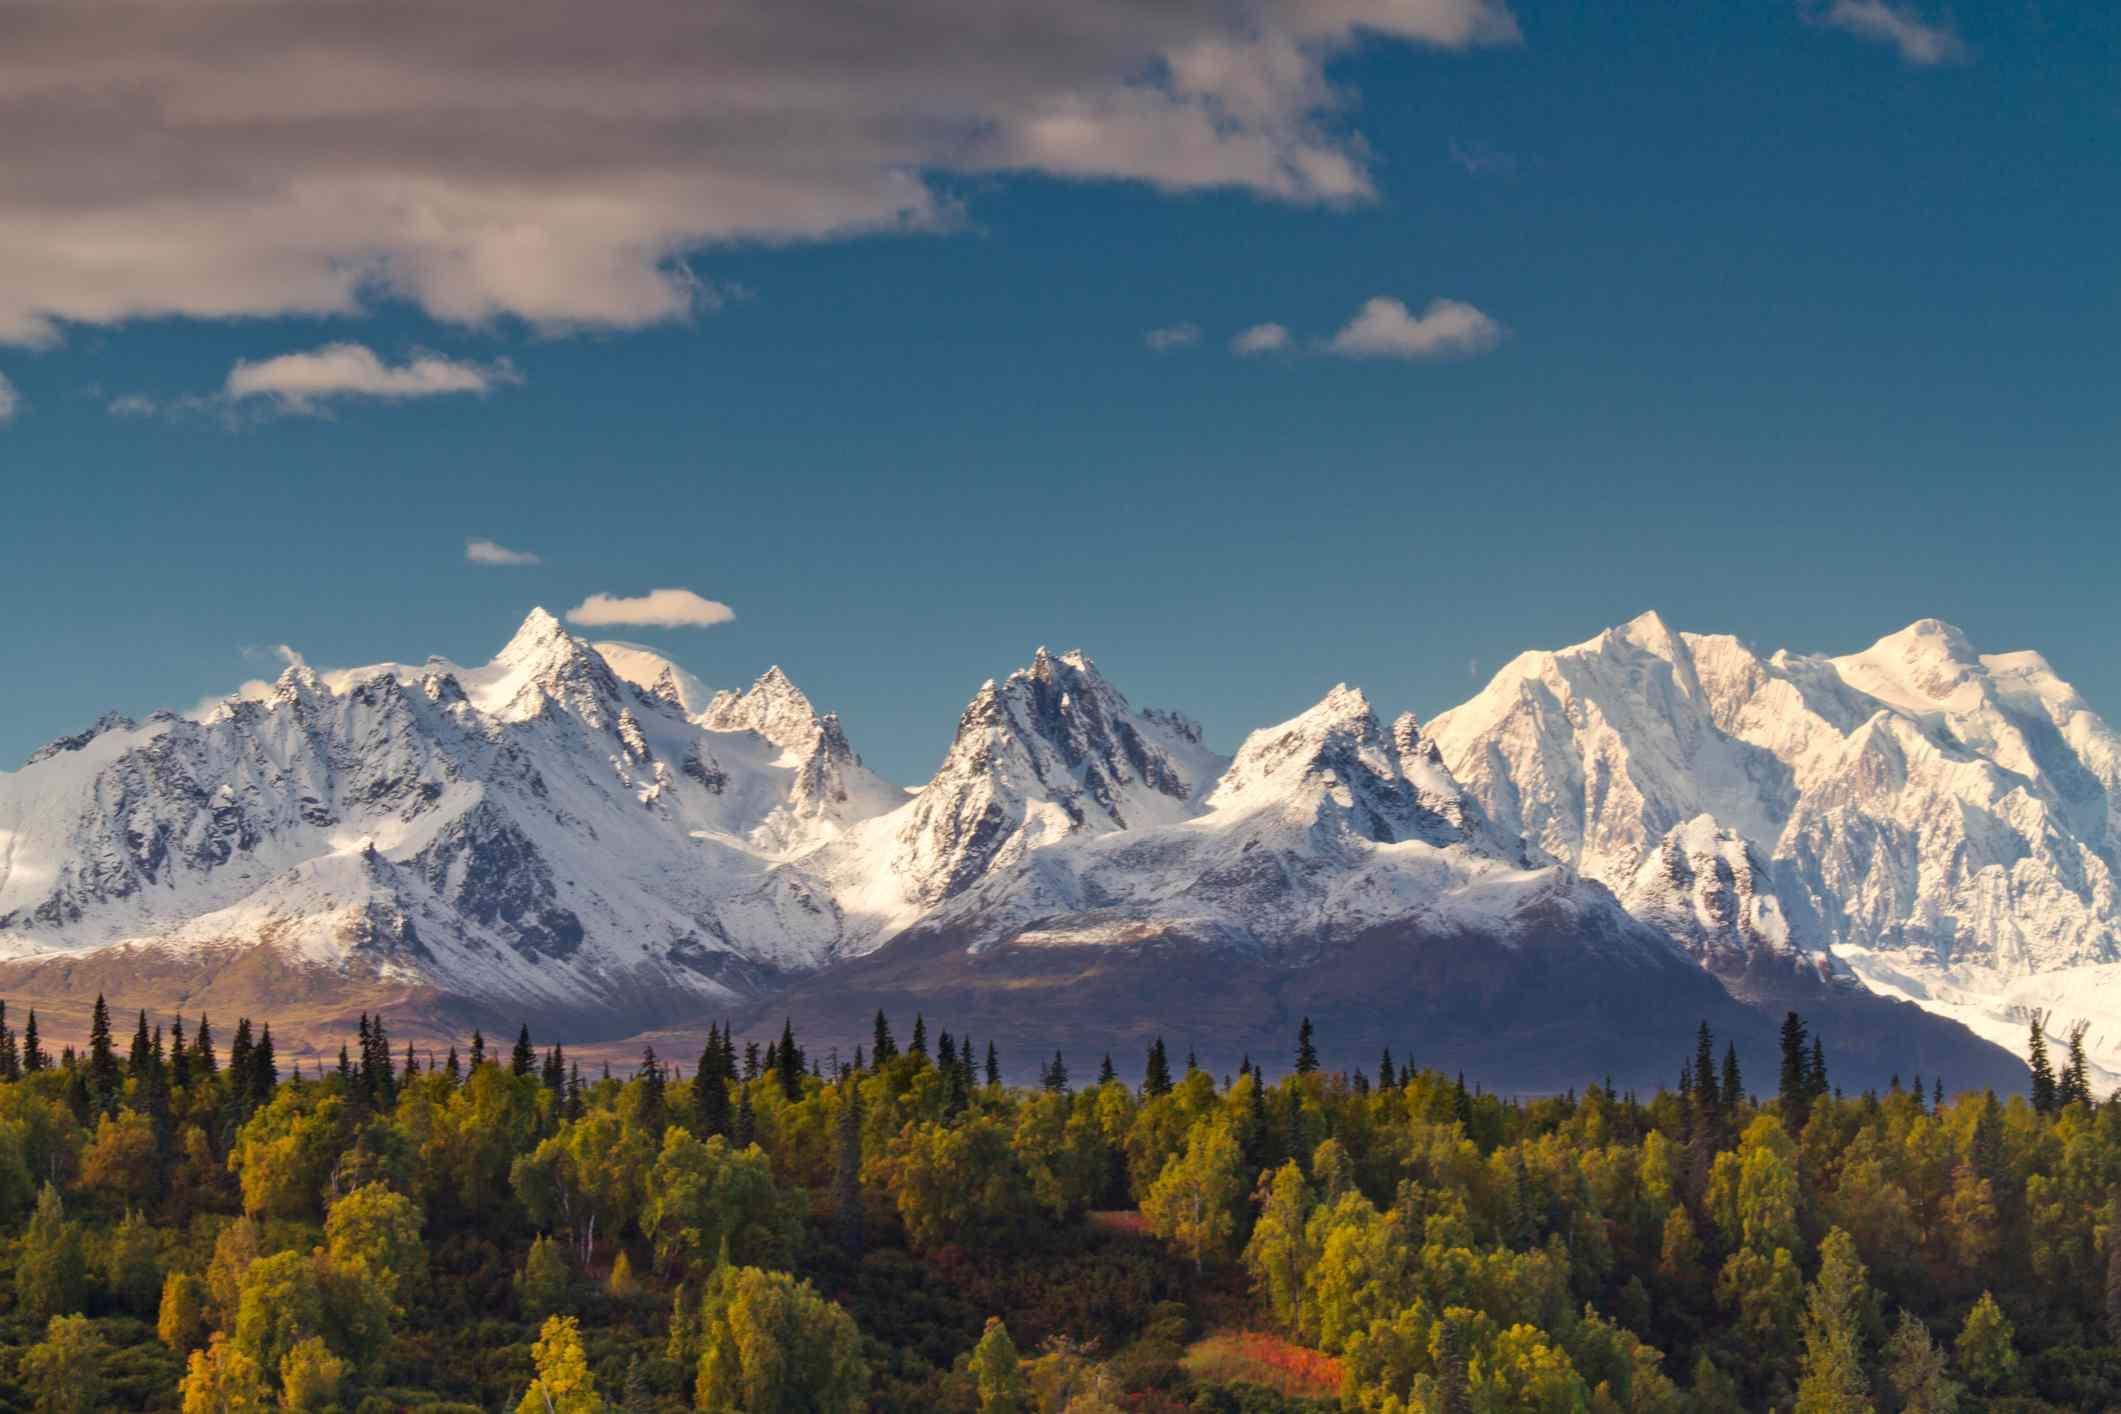 vista clara del monte McKinley en la temporada de otoño